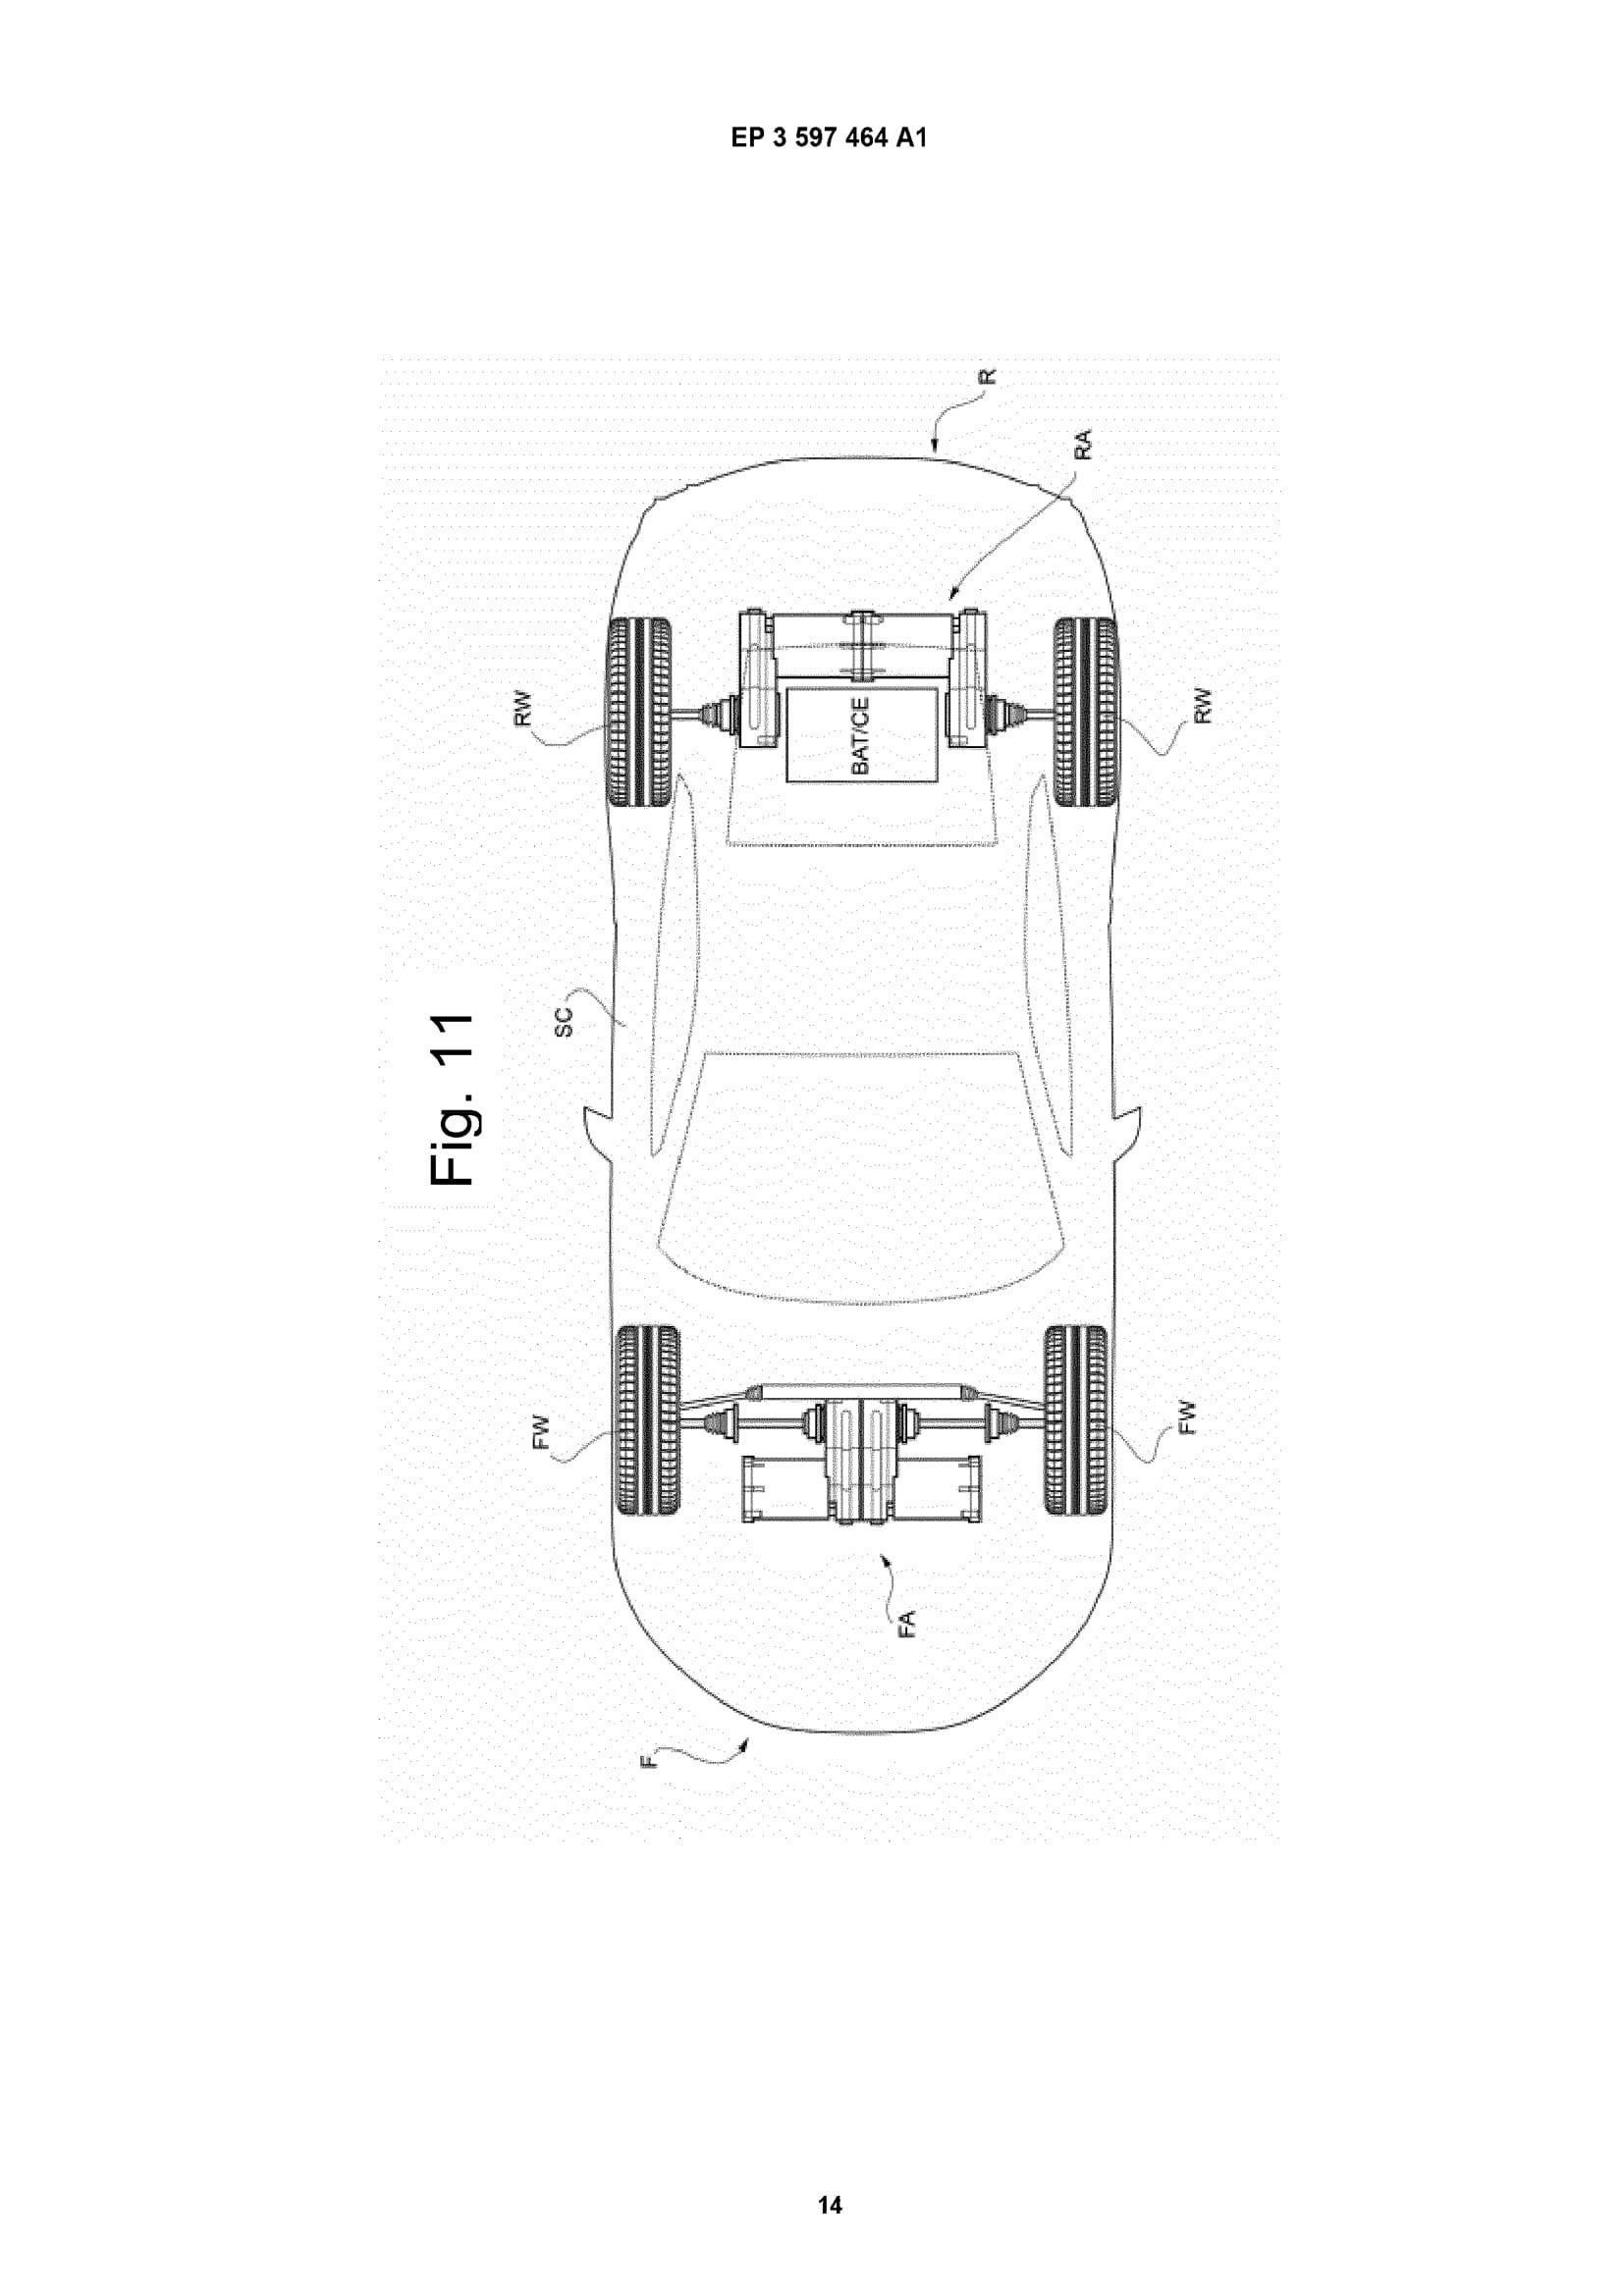 Ferrari-Electric-patent-14